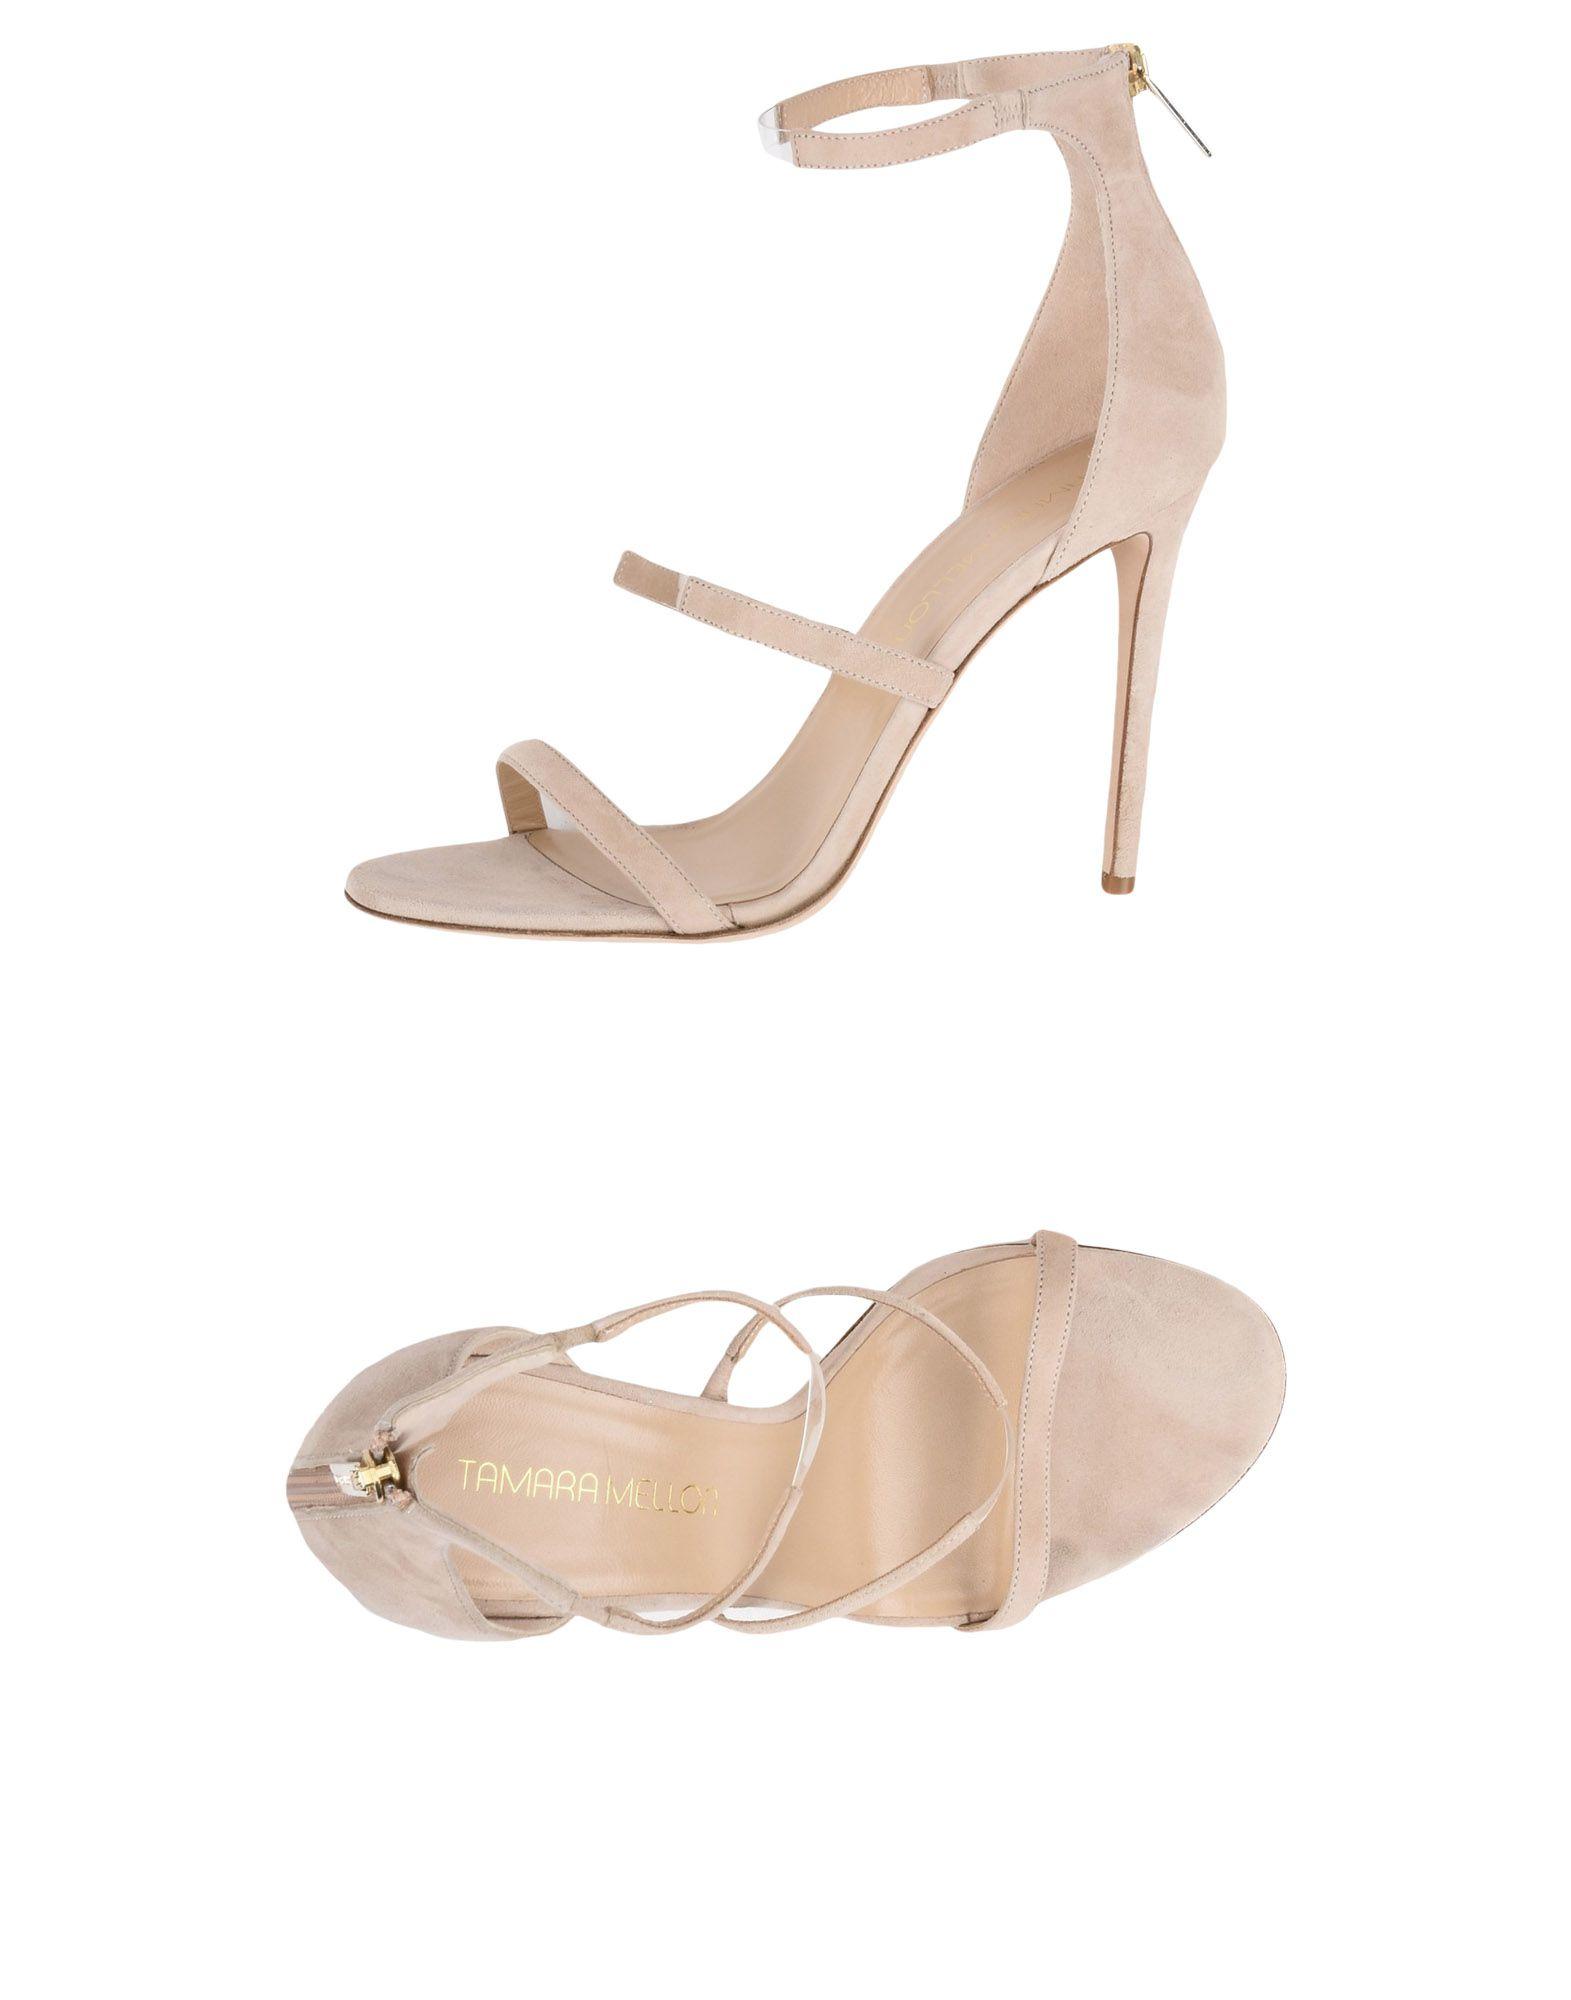 Tamara Mellon Sandalen Sandalen Sandalen Damen  11119221ED Beliebte Schuhe 1666ae